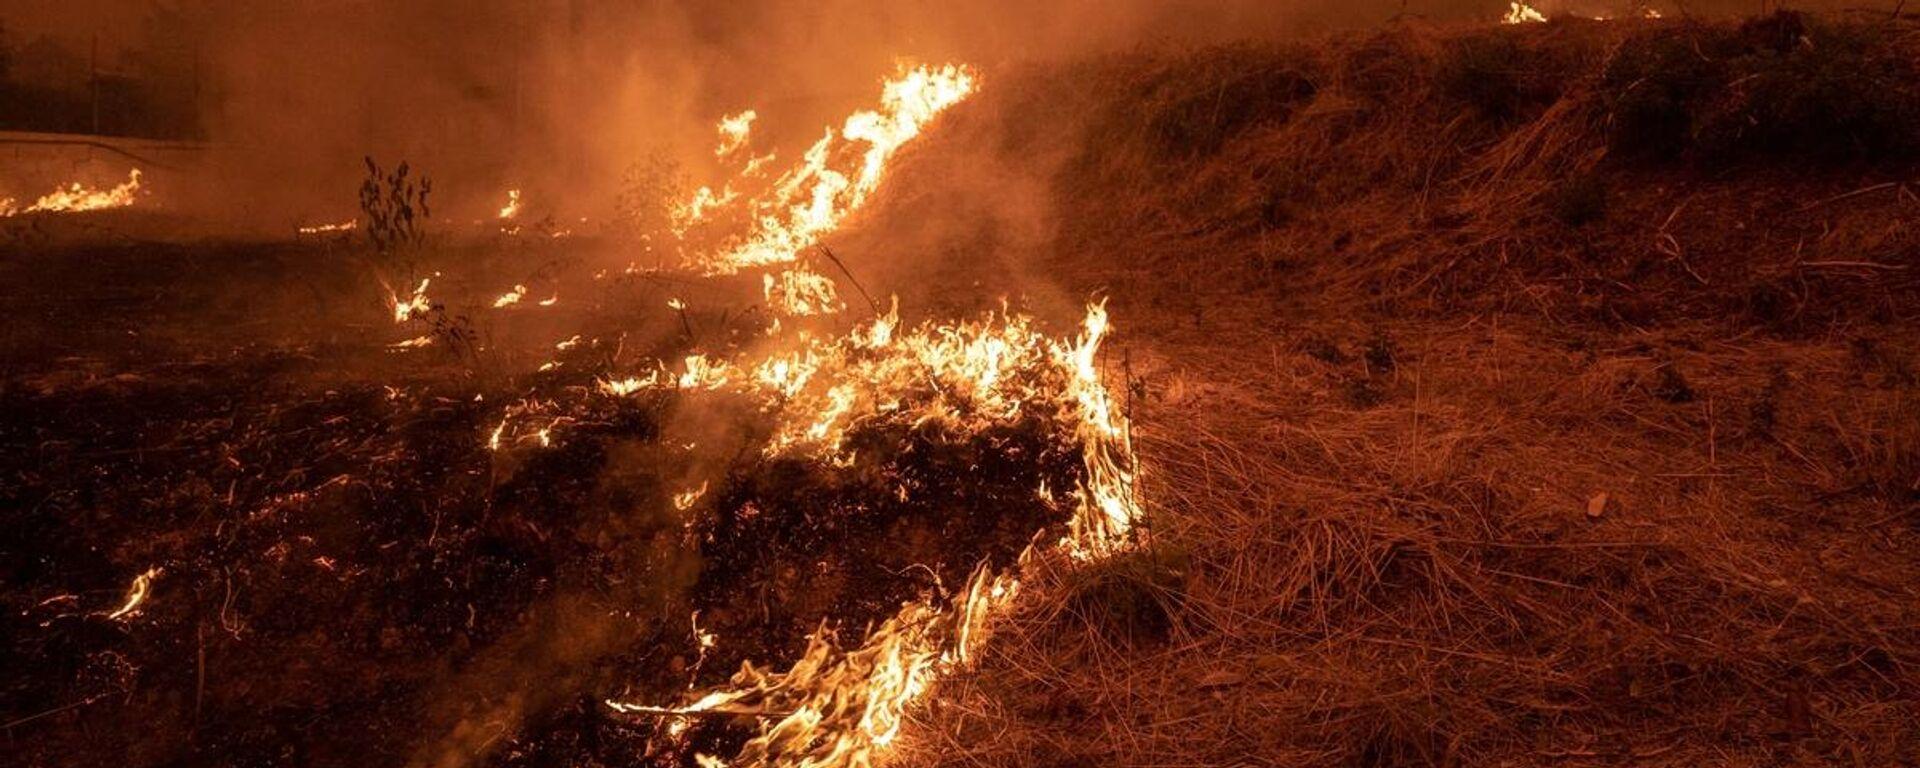 Πυρκαγιά στην Εύβοια - Sputnik Ελλάδα, 1920, 18.08.2021